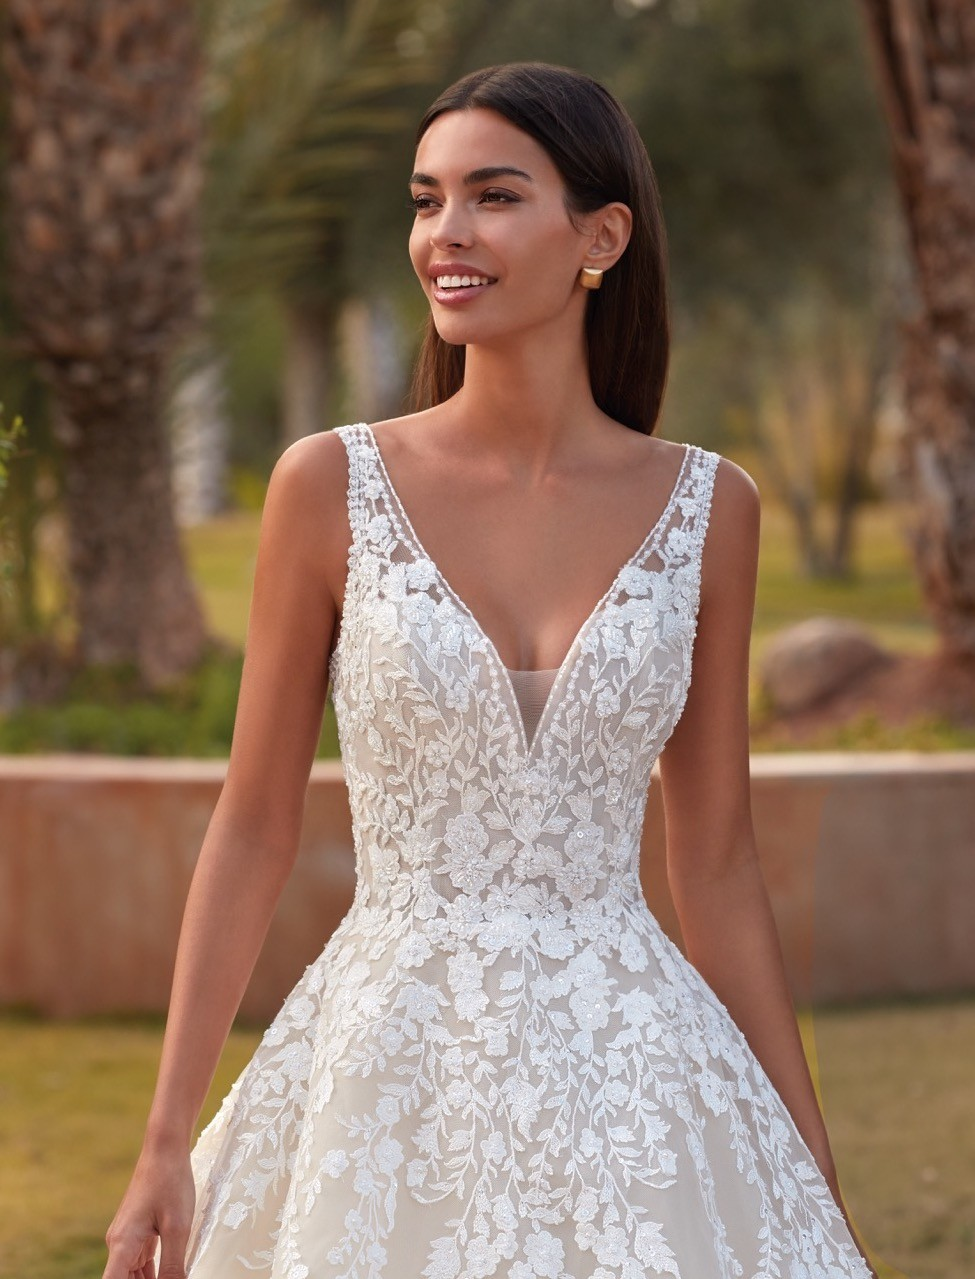 Hochzeitskleid im Prinzessstil mit 3D-Spitze und V-Ausschnitt von Demetrios, Modell 1099